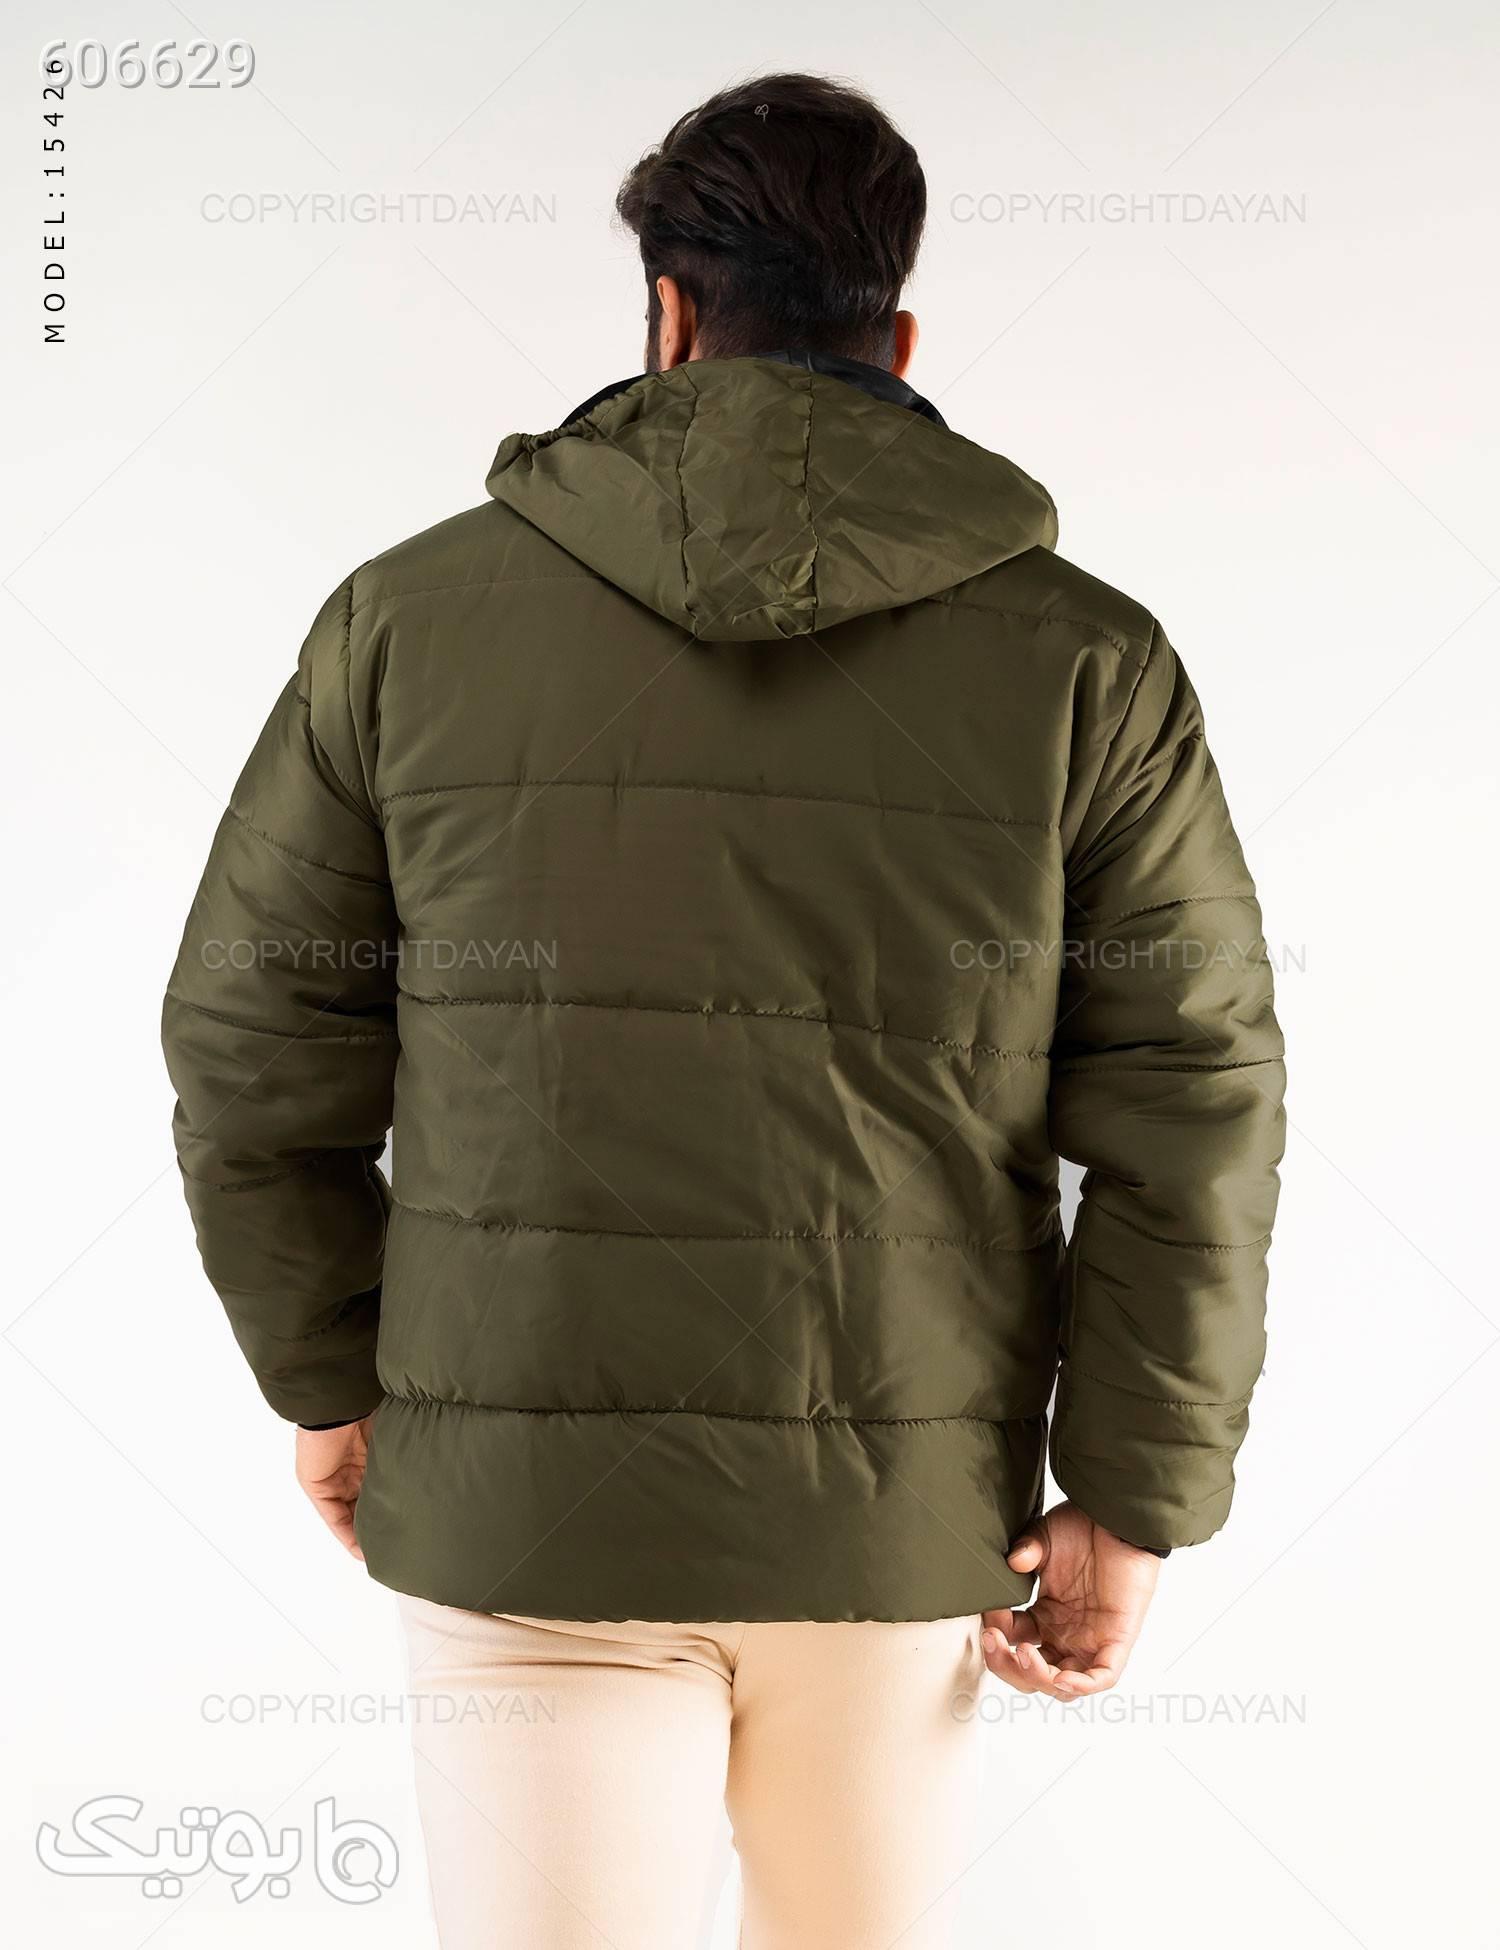 خرید کاپشن مردانه سبز کاپشن و بارانی مردانه